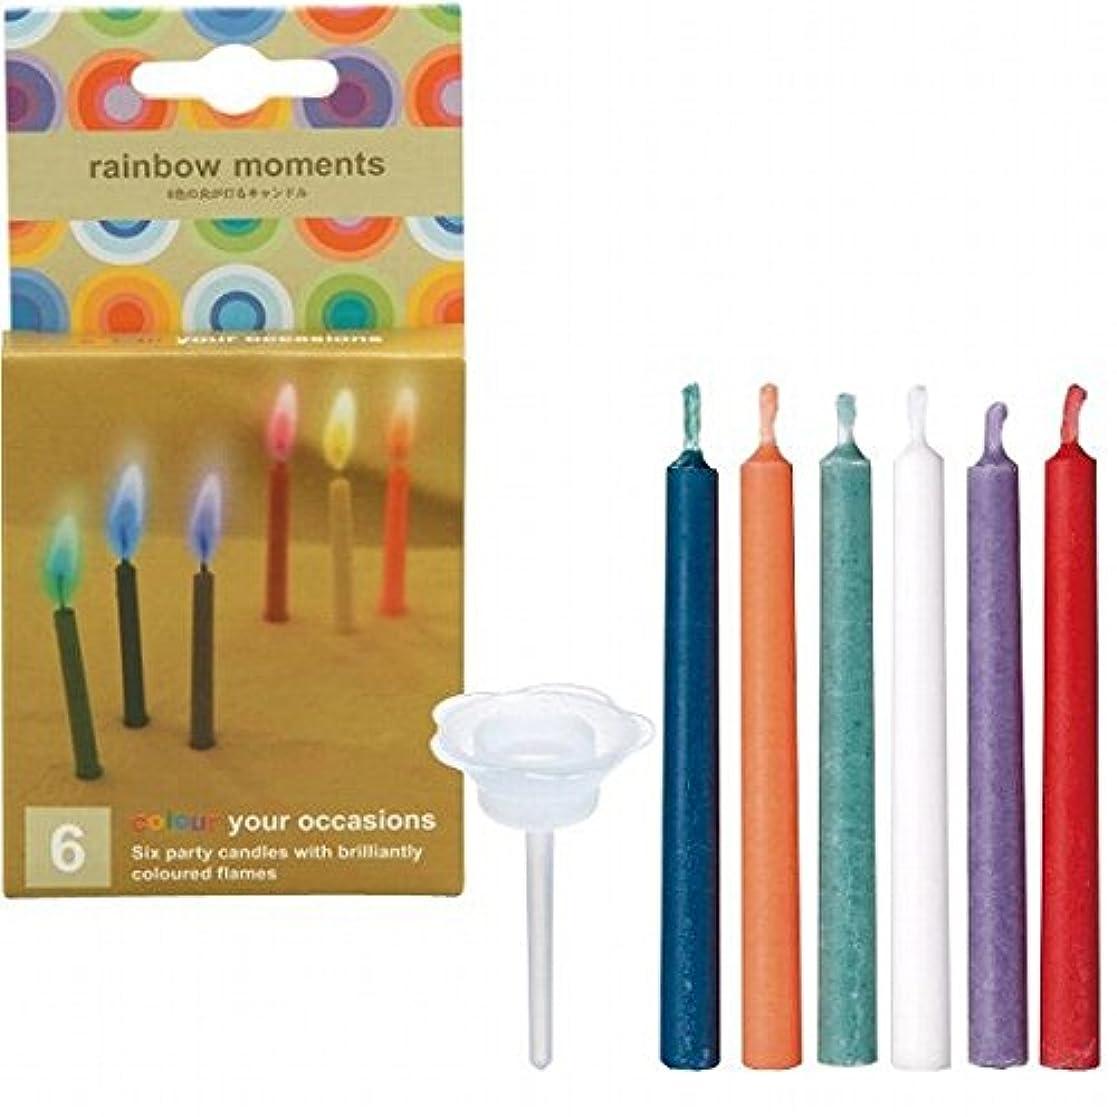 恩恵背が高い検索カメヤマキャンドル( kameyama candle ) rainbowmoments(レインボーモーメント)6色6本入り 「 6本入り 」 キャンドル